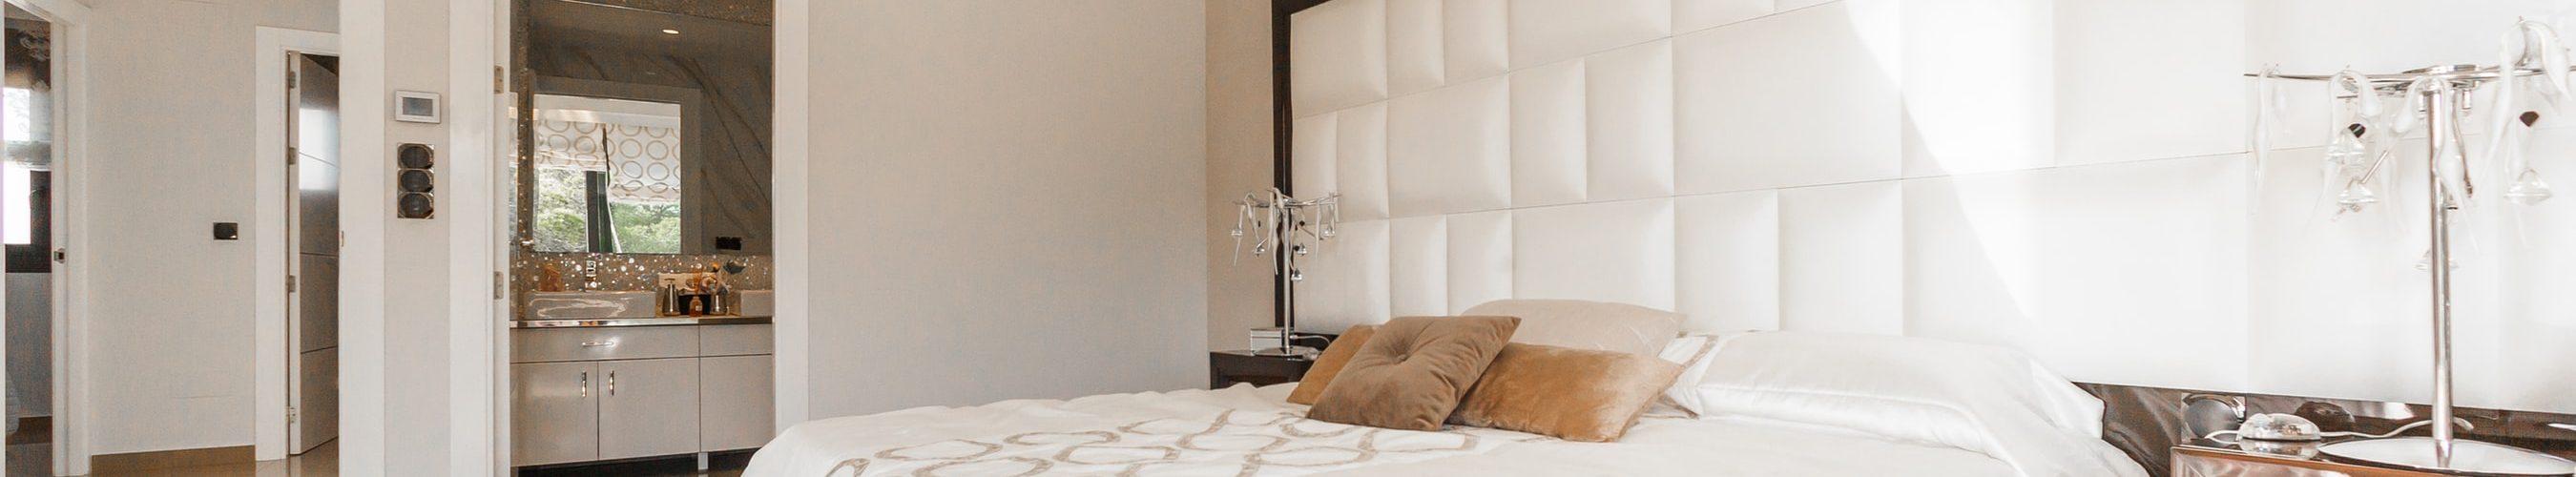 luxe-slaapkamer-brons